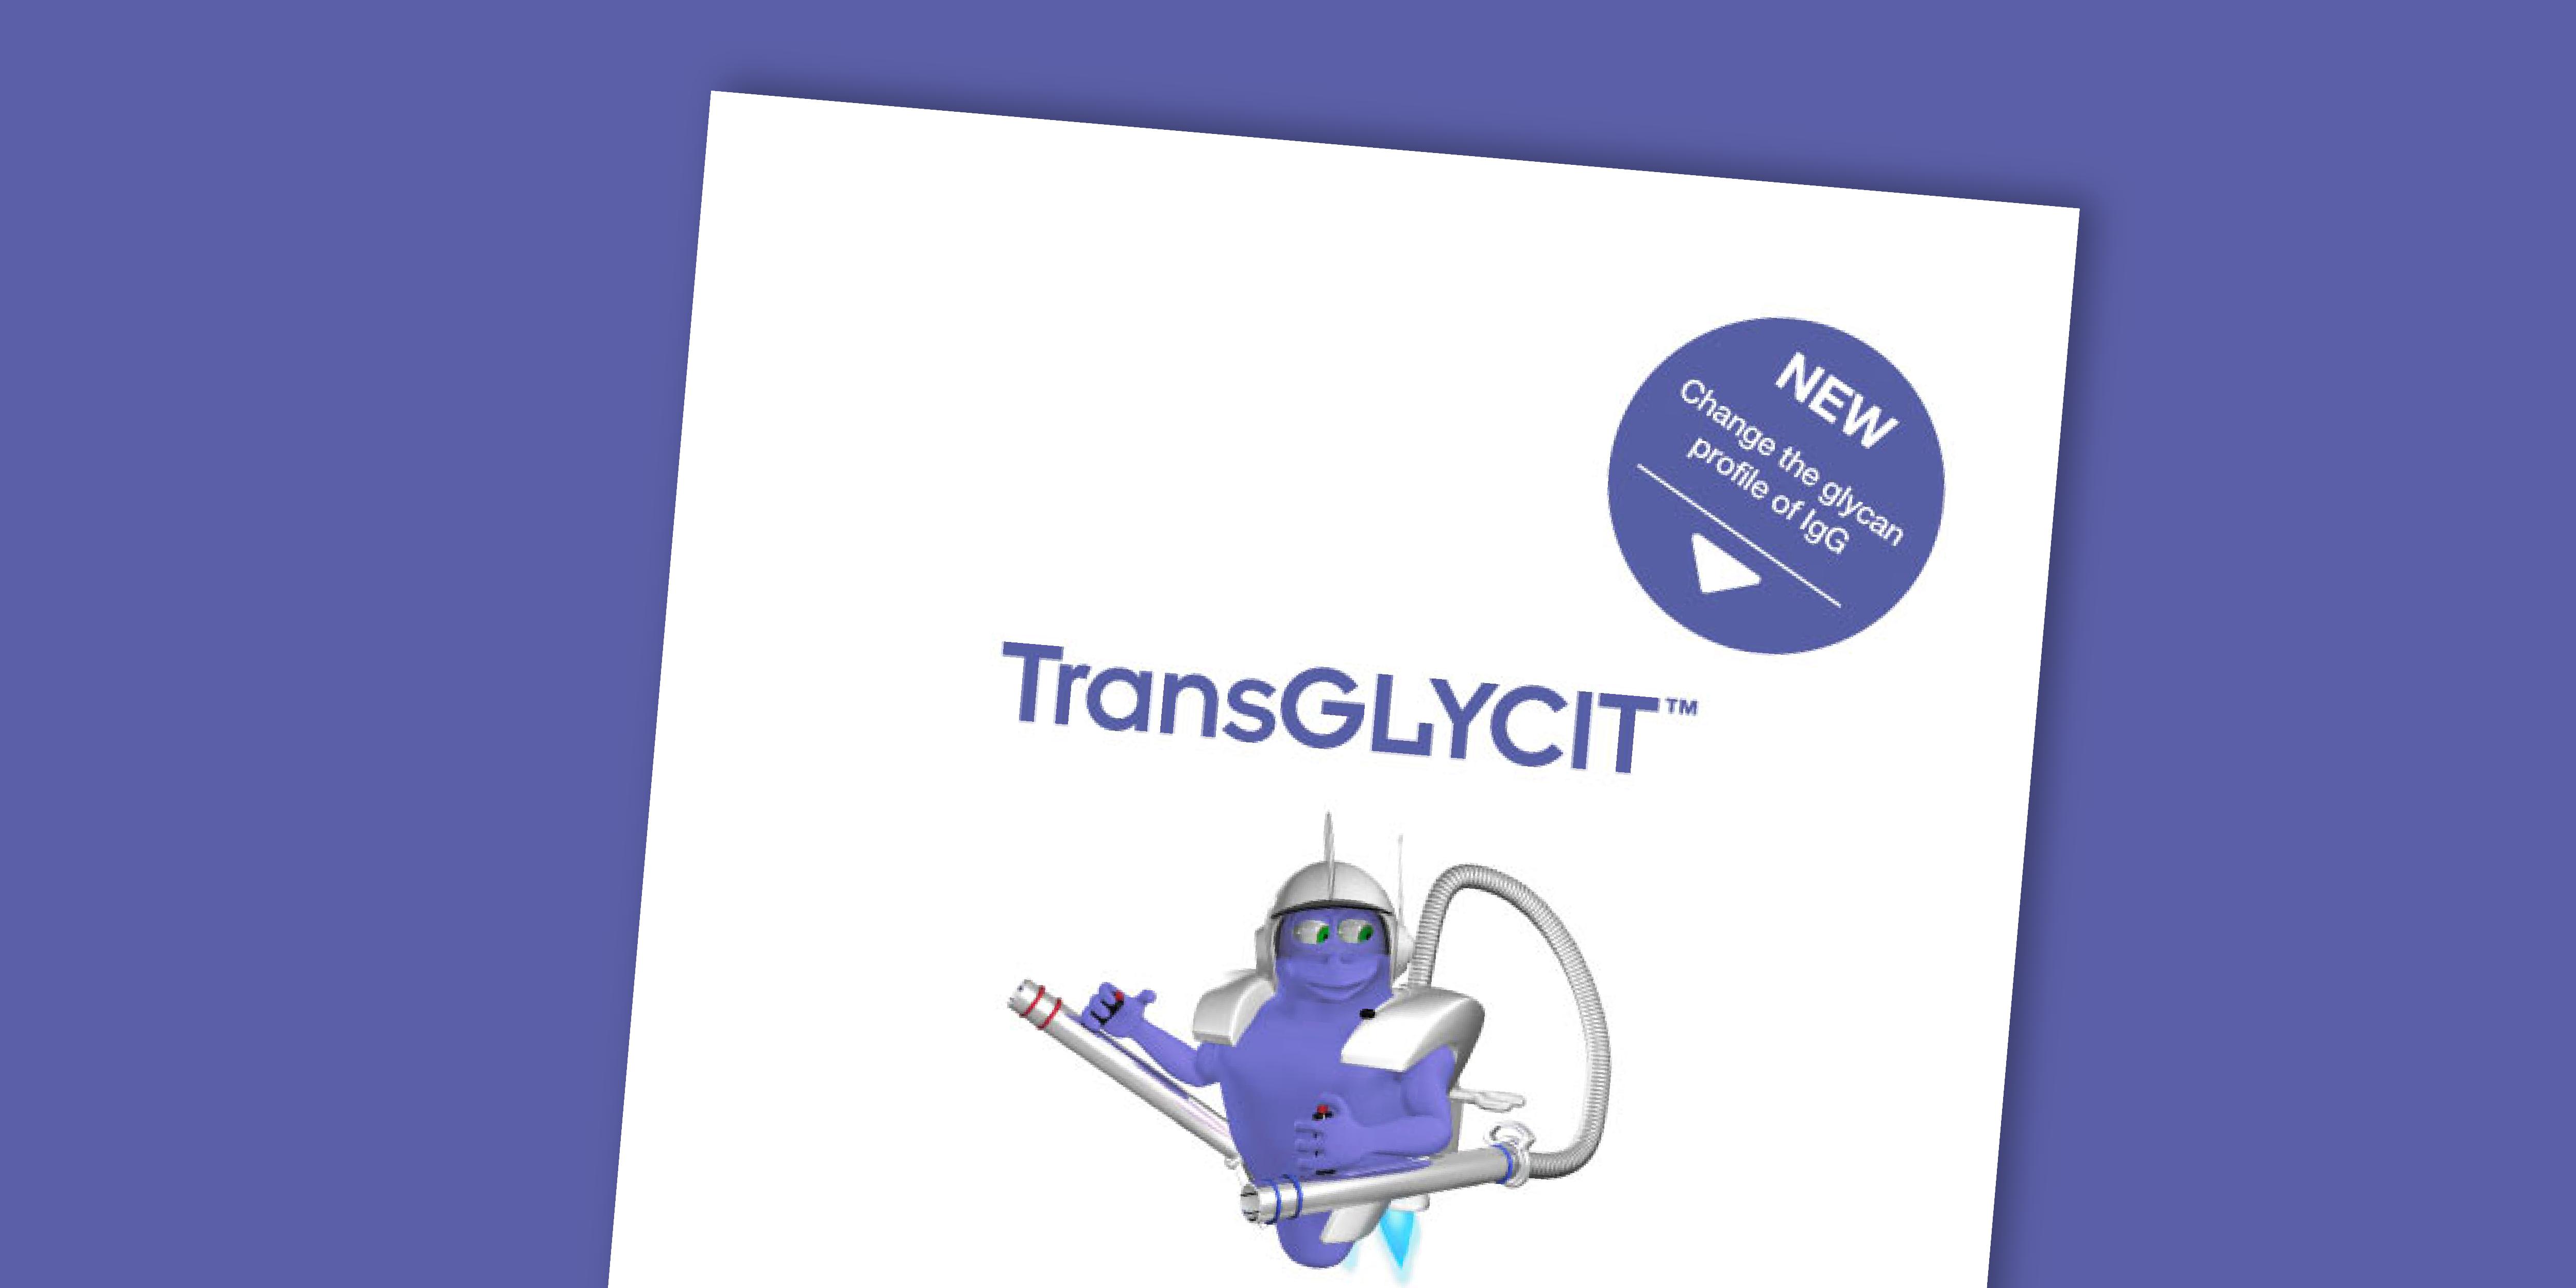 TransGLYCIT Brochure